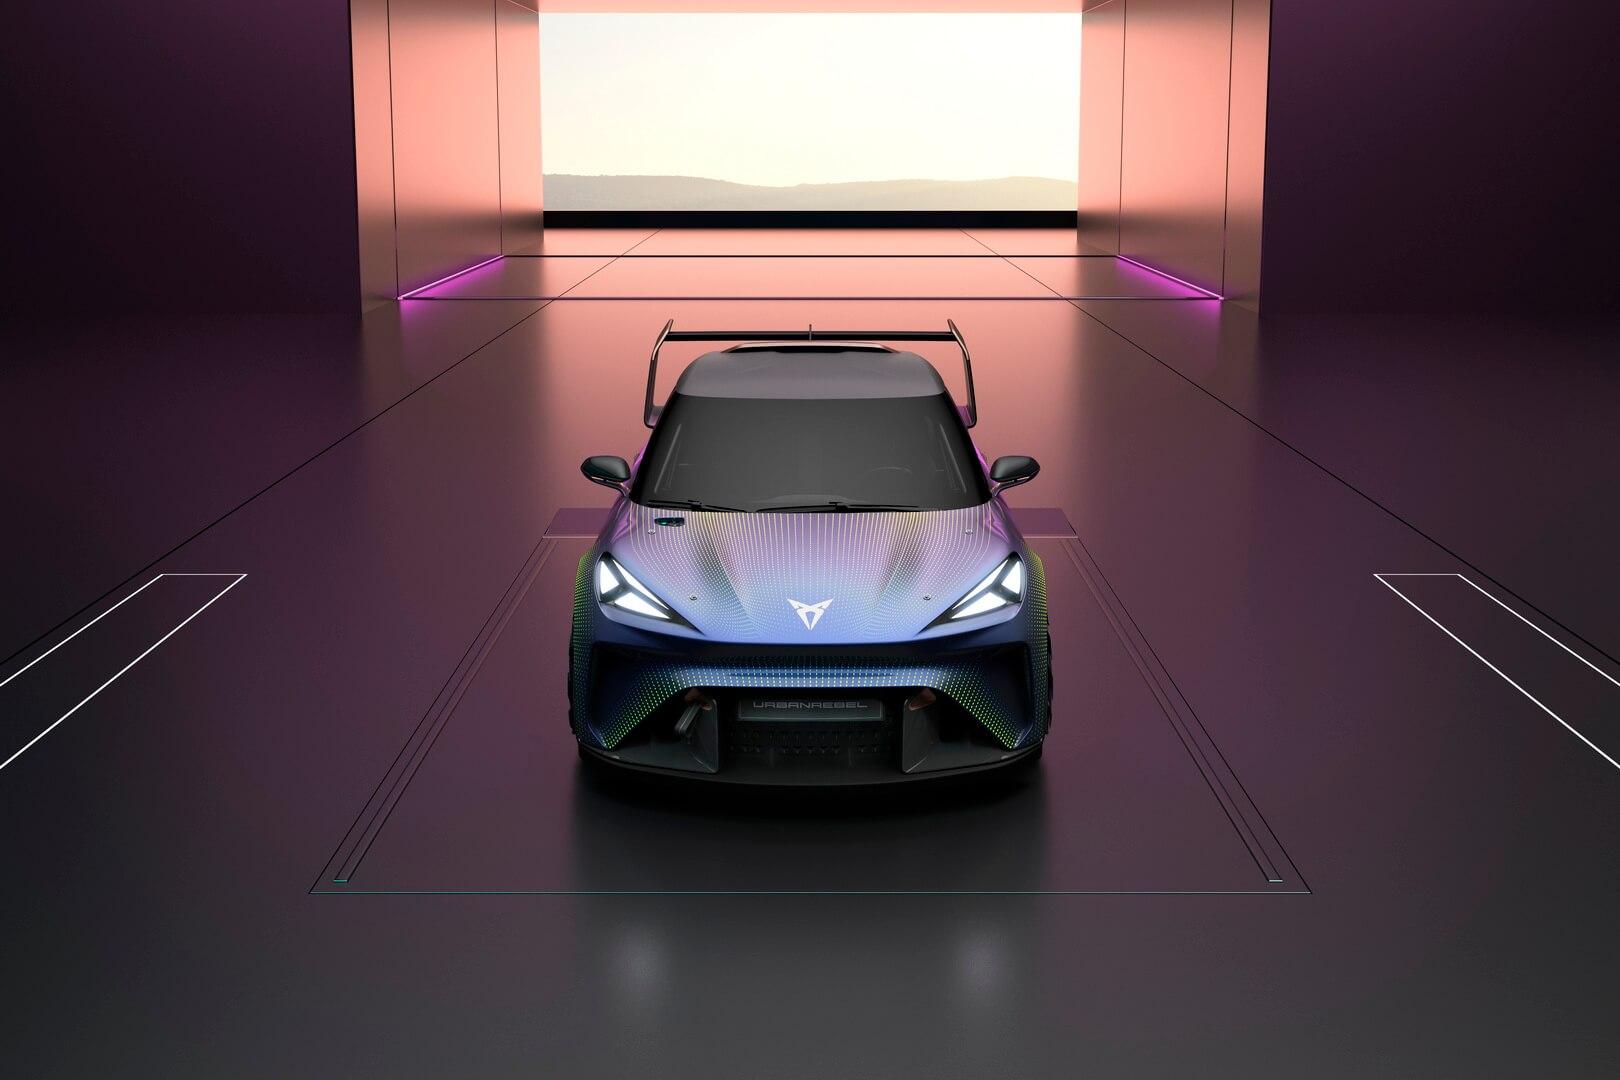 Электрический городской автомобиль Cupra представила сначала как гоночный автомобиль